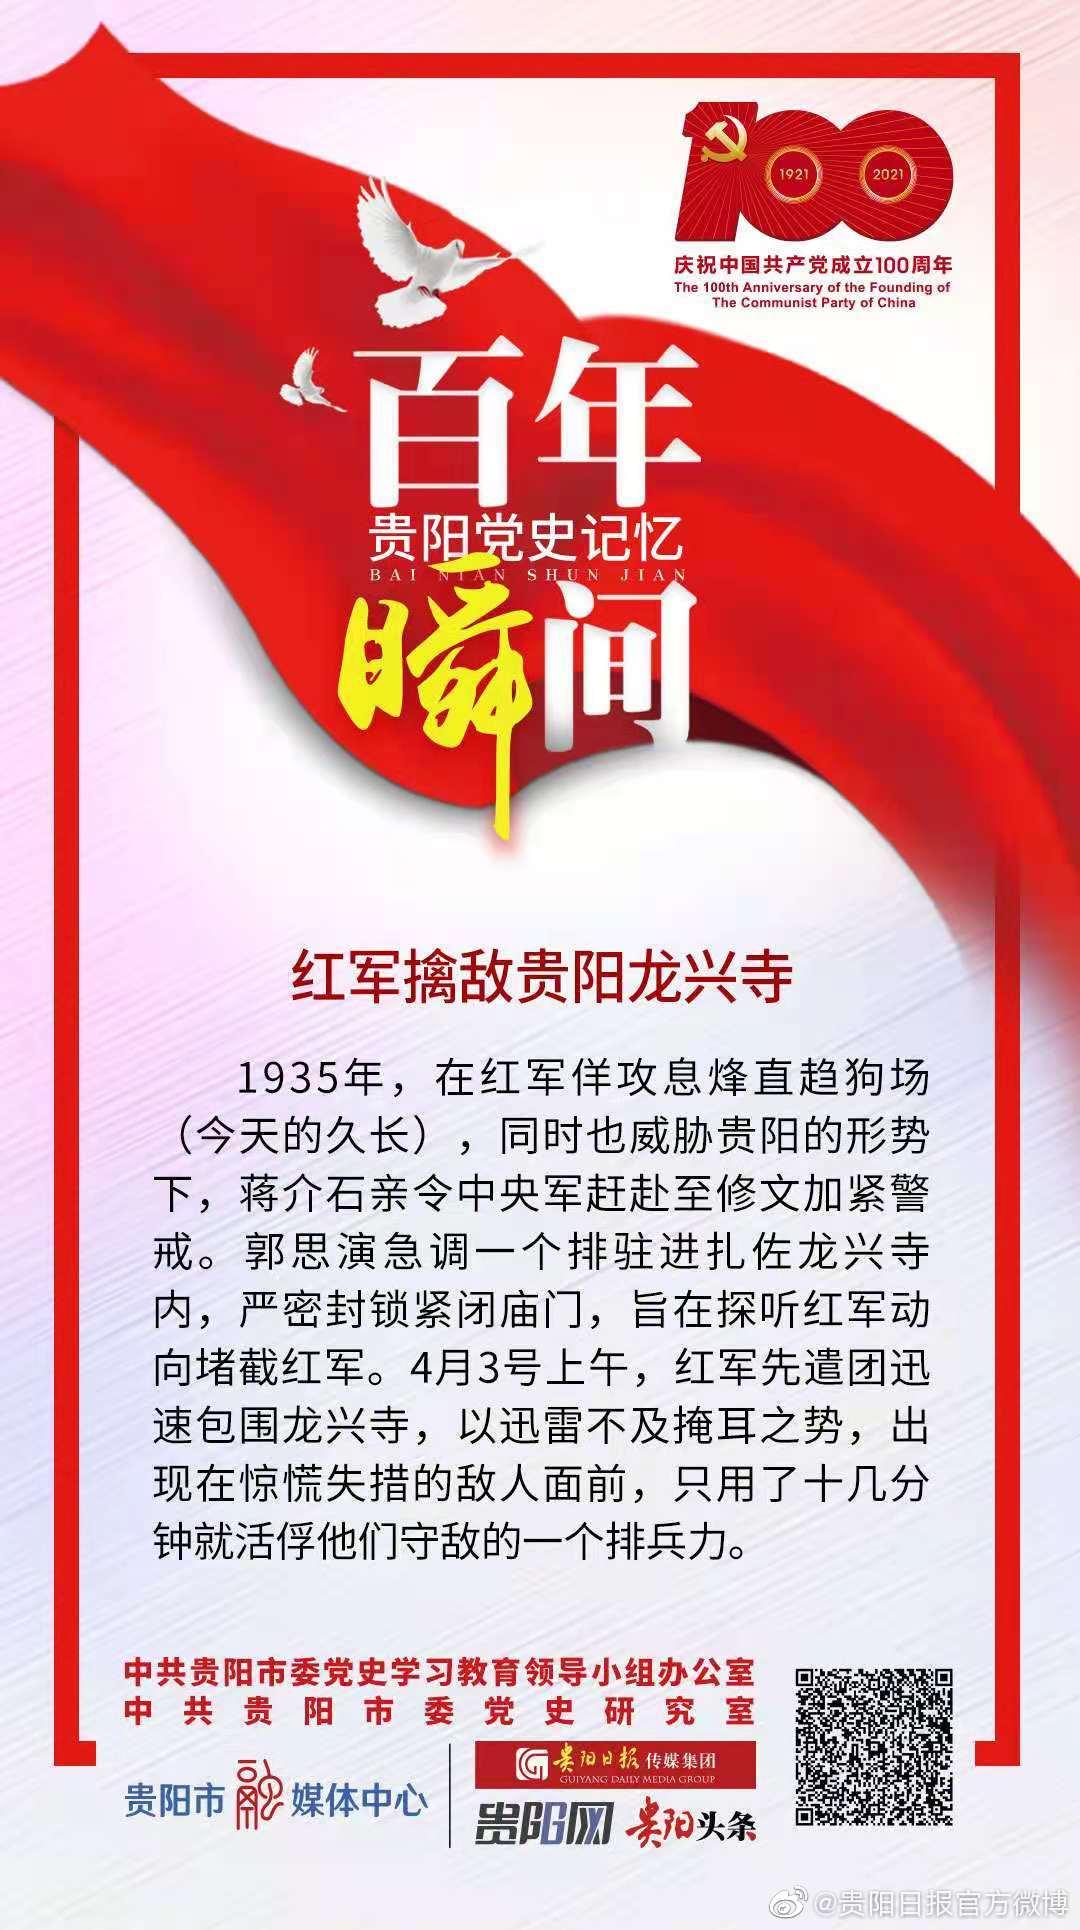 贵阳党史记忆·百年瞬间 |红军擒敌贵阳龙兴寺